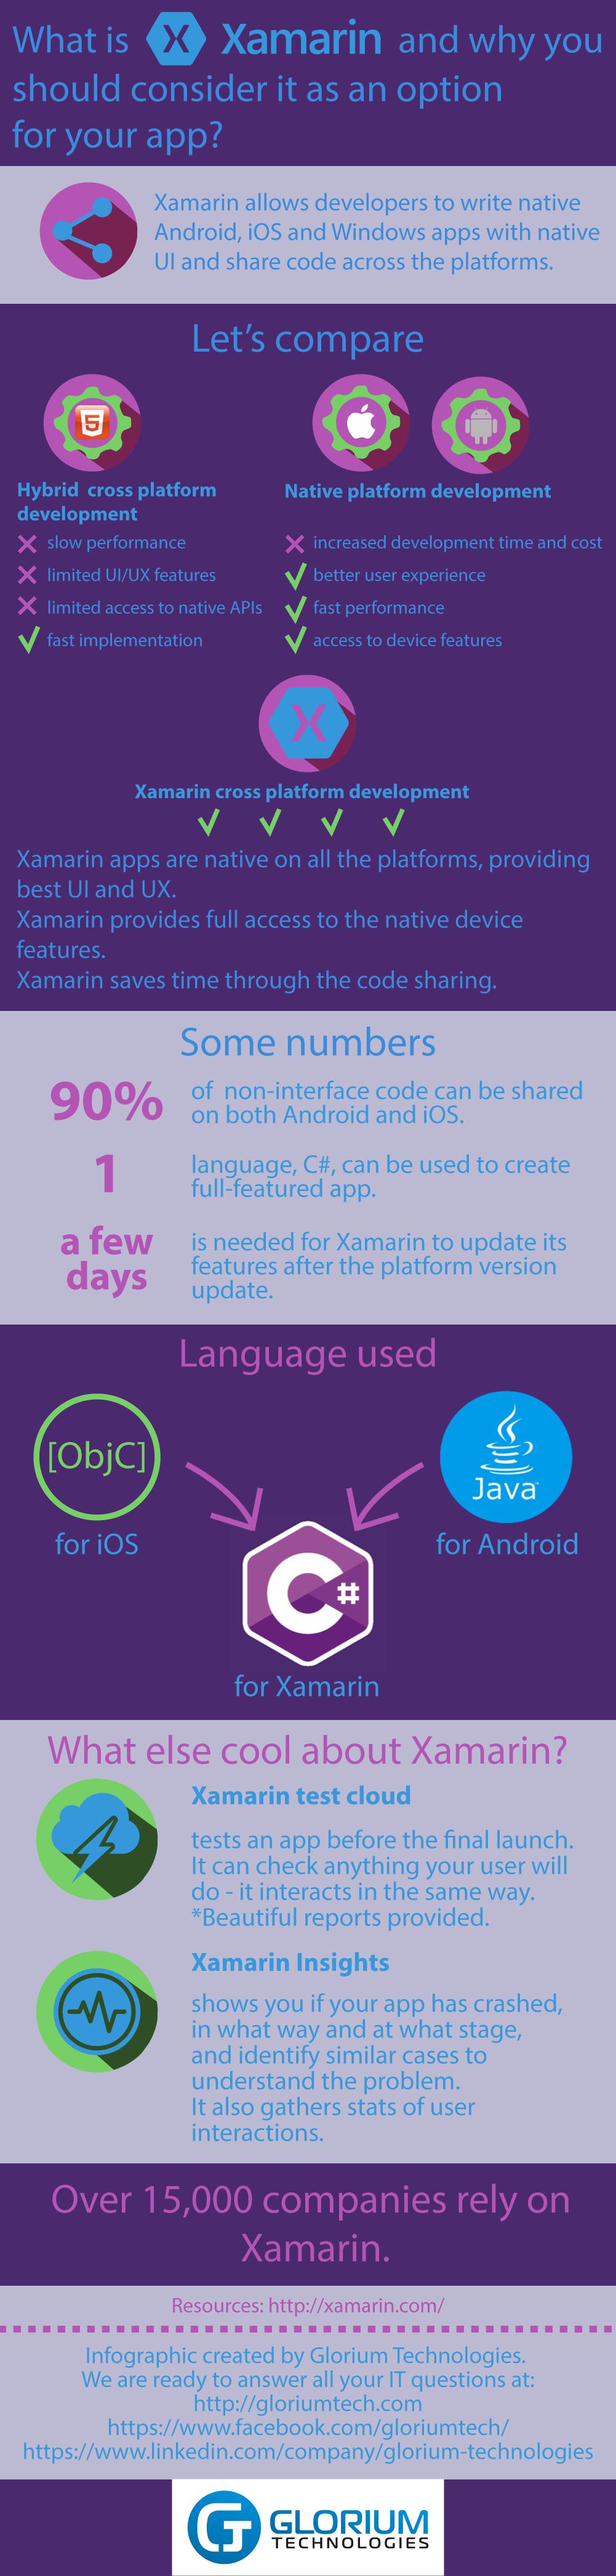 Xamarin infographic